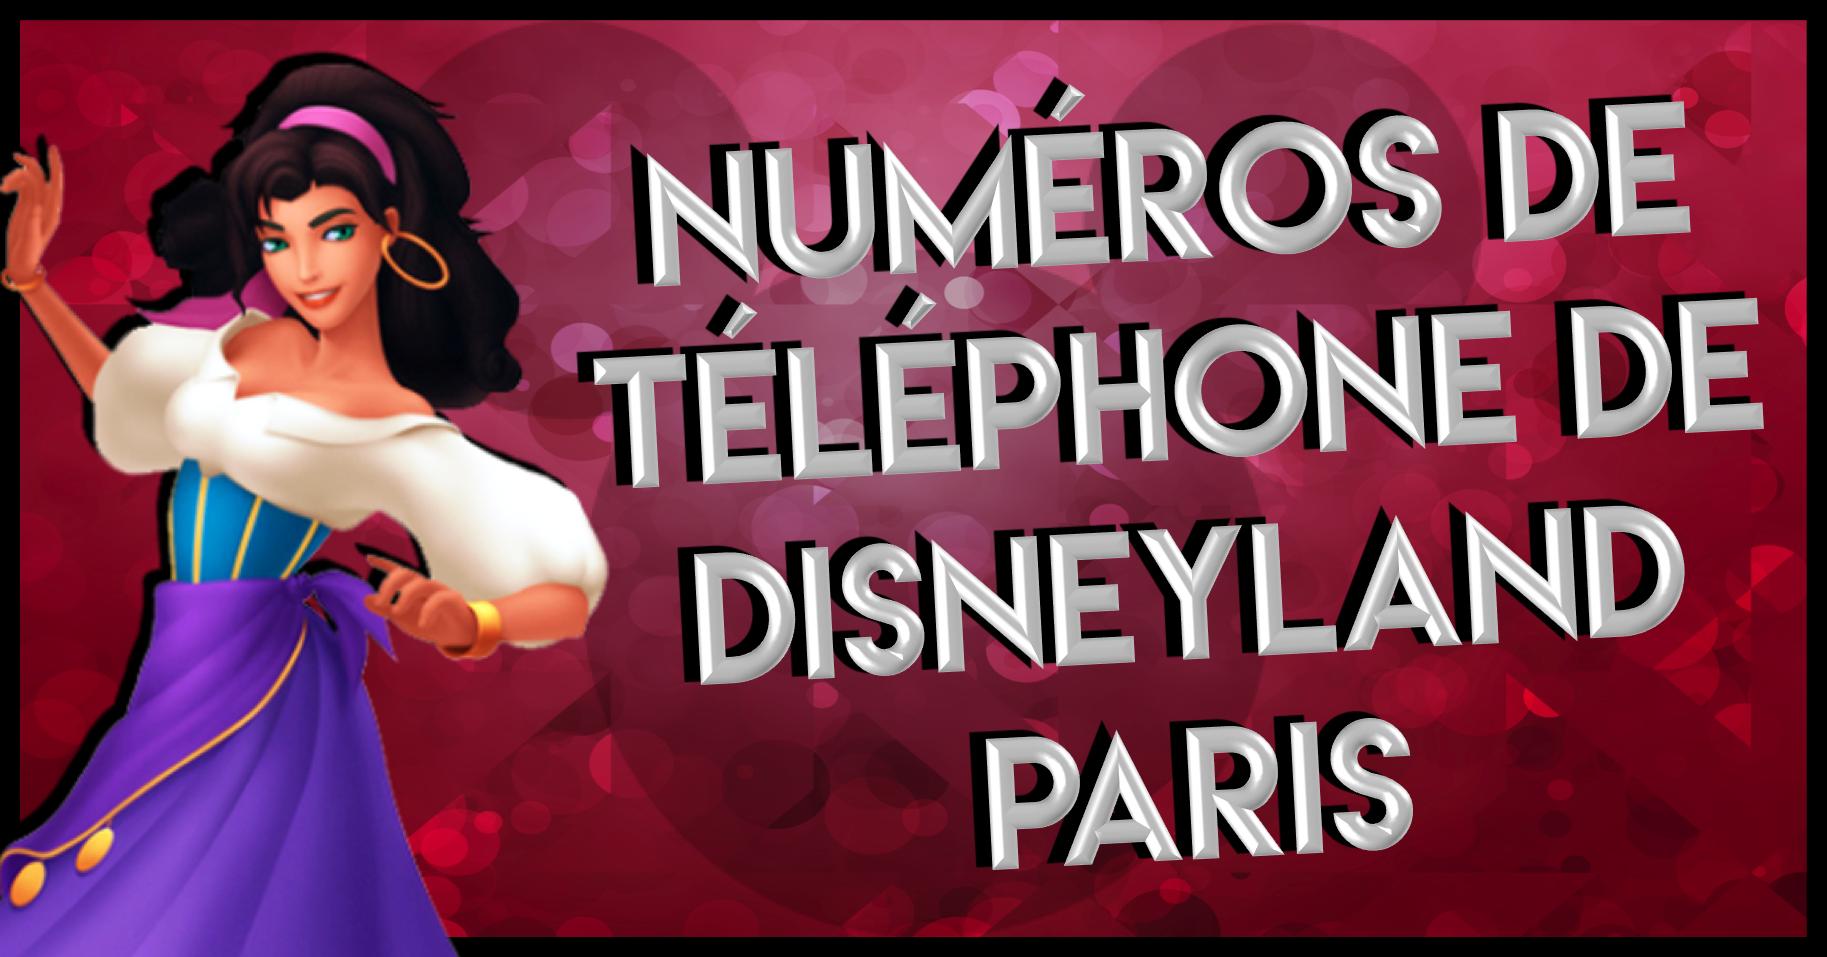 Liste de tous les num ros de t l phone utiles pour disneyland paris disneyland paris bons plans - Numero de telephone printemps haussmann ...